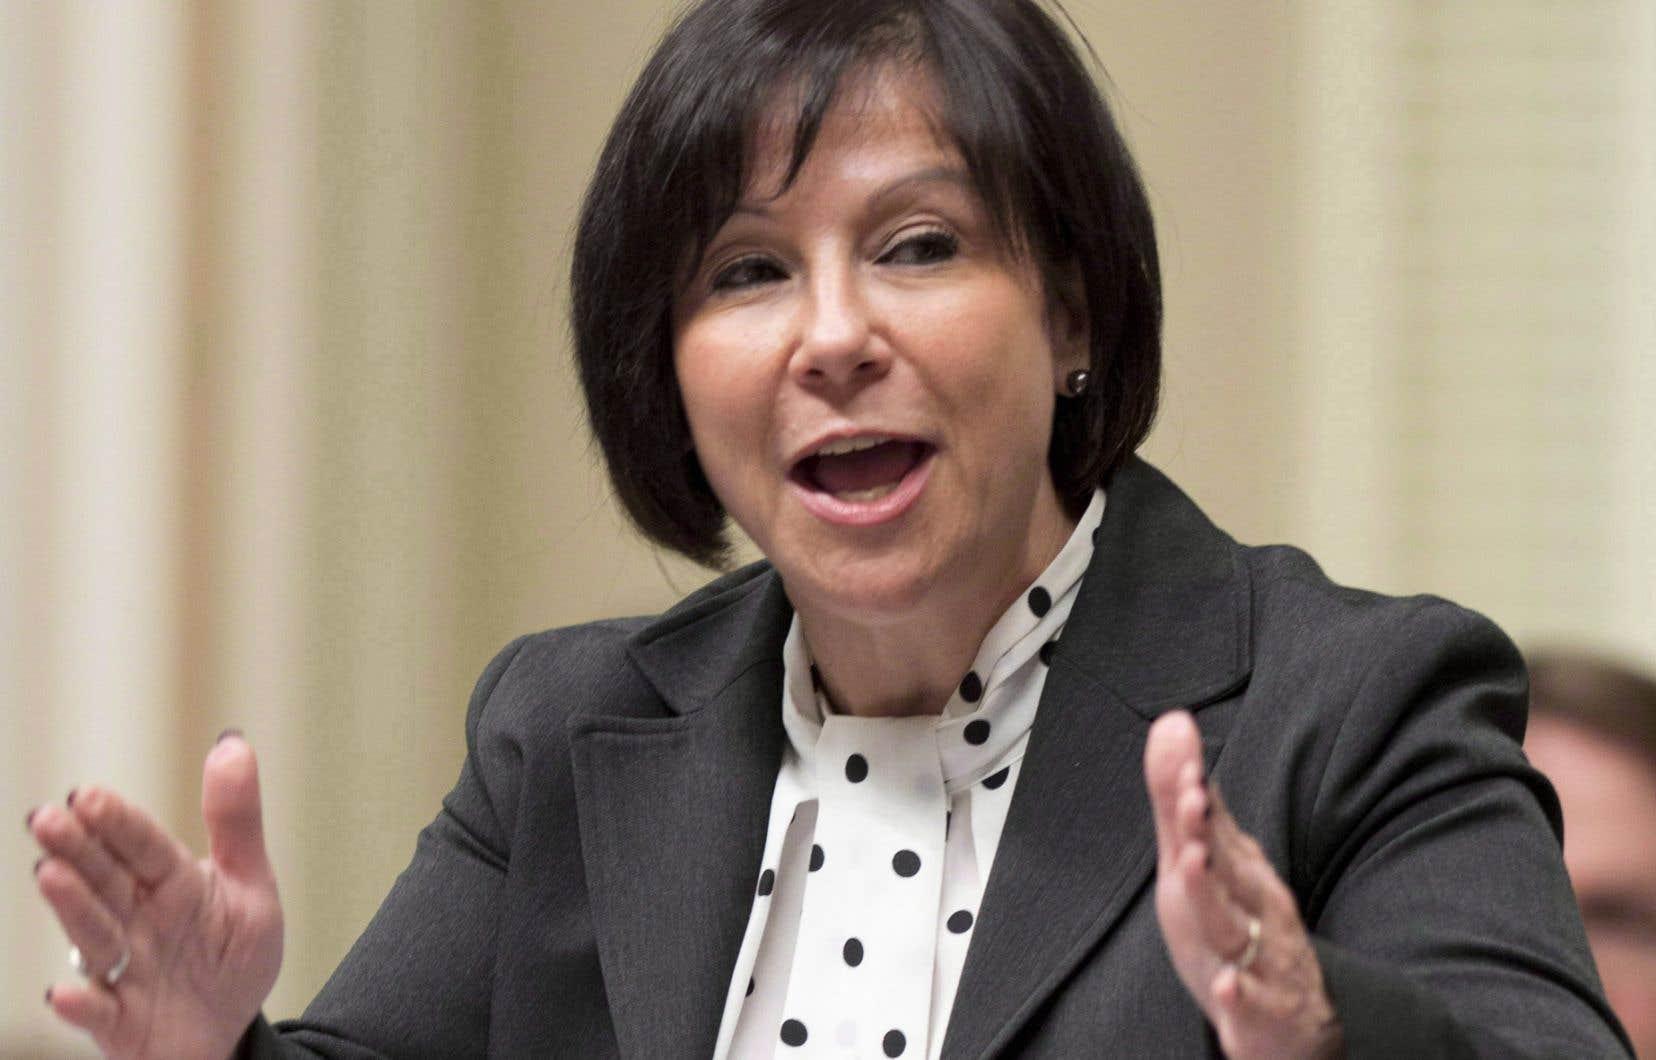 Élue députée de Richelieu en 2012, Élaine Zakaïb a fait partie du gouvernement de Pauline Marois, de 2012 à 2014, à titre de ministre déléguée à la Politique industrielle et à la Banque de développement économique du Québec.